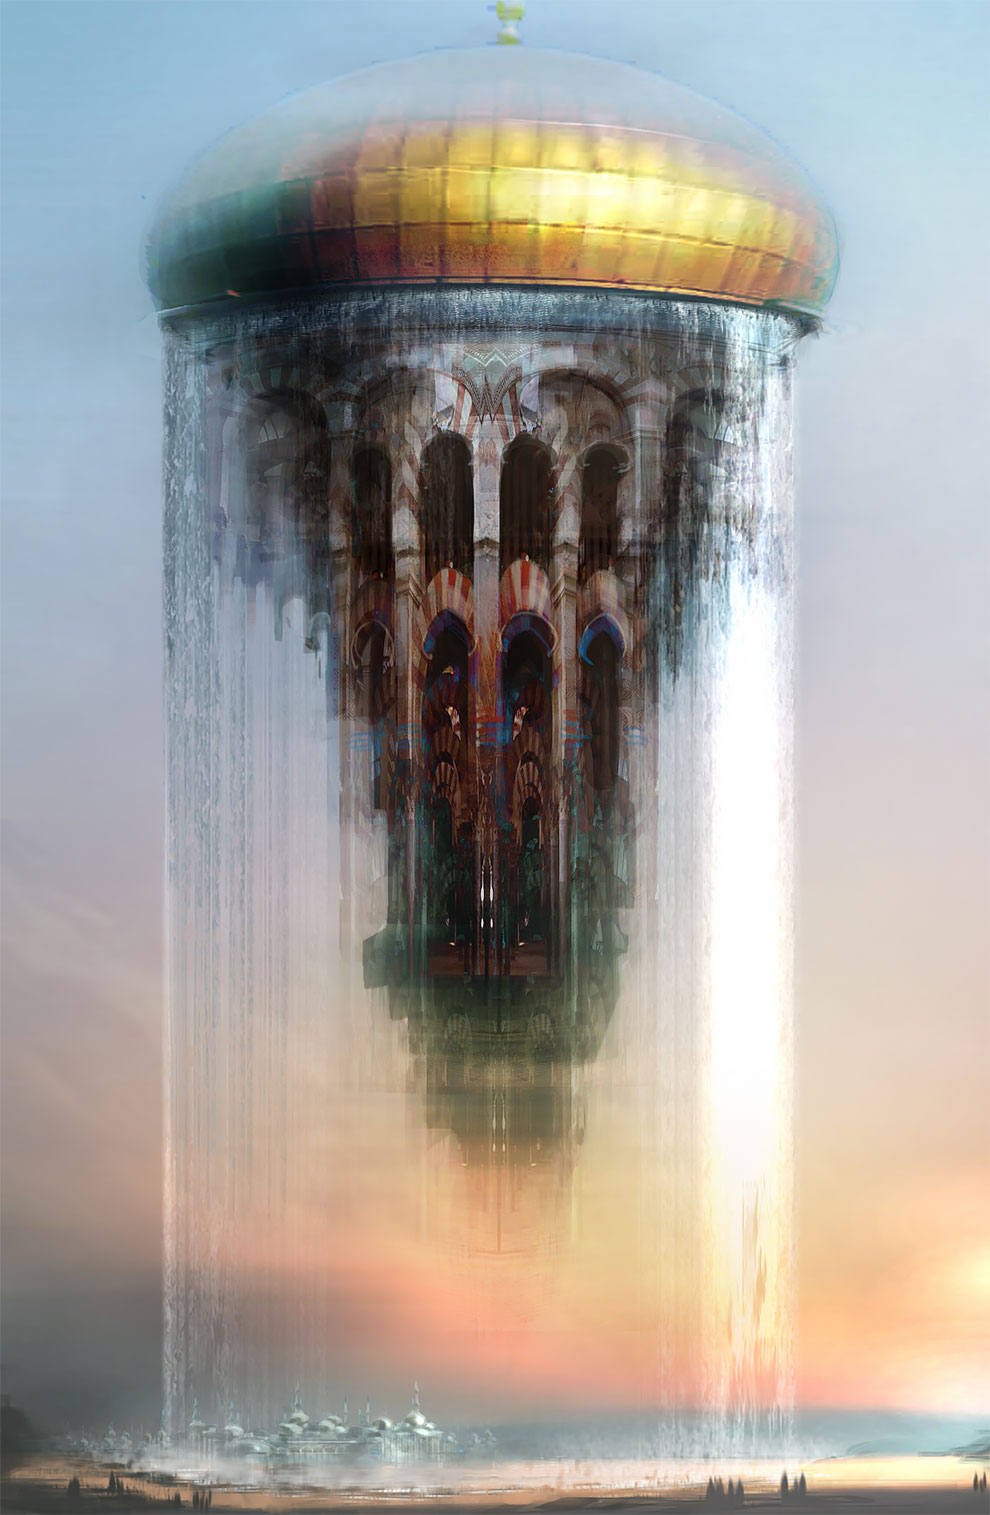 Обрывки неба: Эпические истории дистопии Даниэля Доциу Daniel, многих, Amazon, директор, теперь, Coast, Wizards, Microsoft, Games, числе, компаний, работал, Dociu, Guild, серией, работающей, время, настоящее, индустрии, игровой